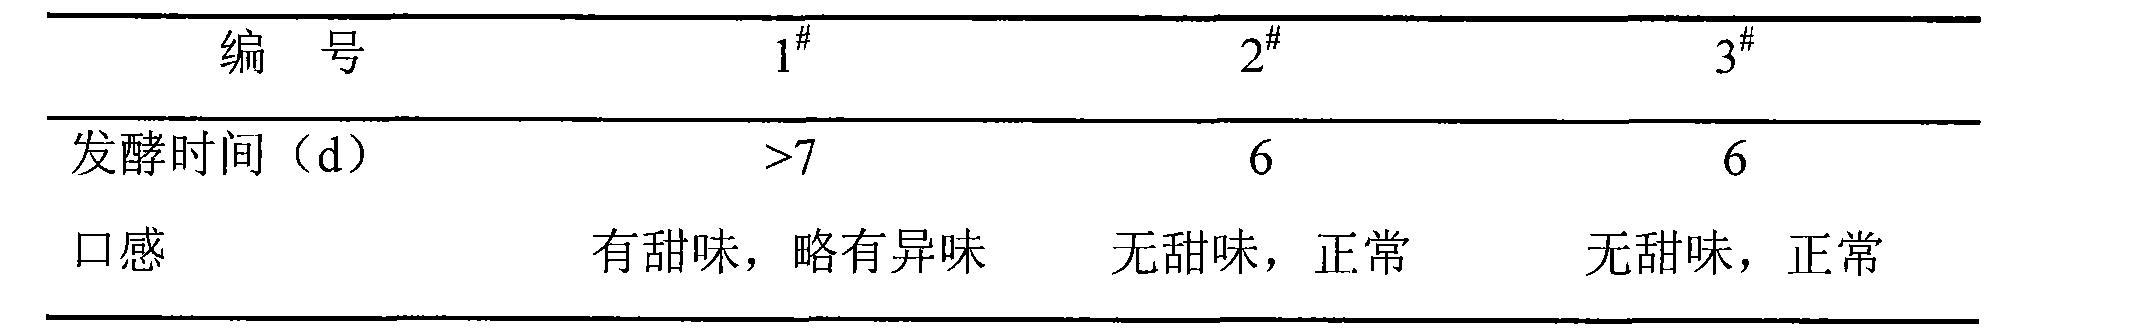 Figure CN101649278BD00052